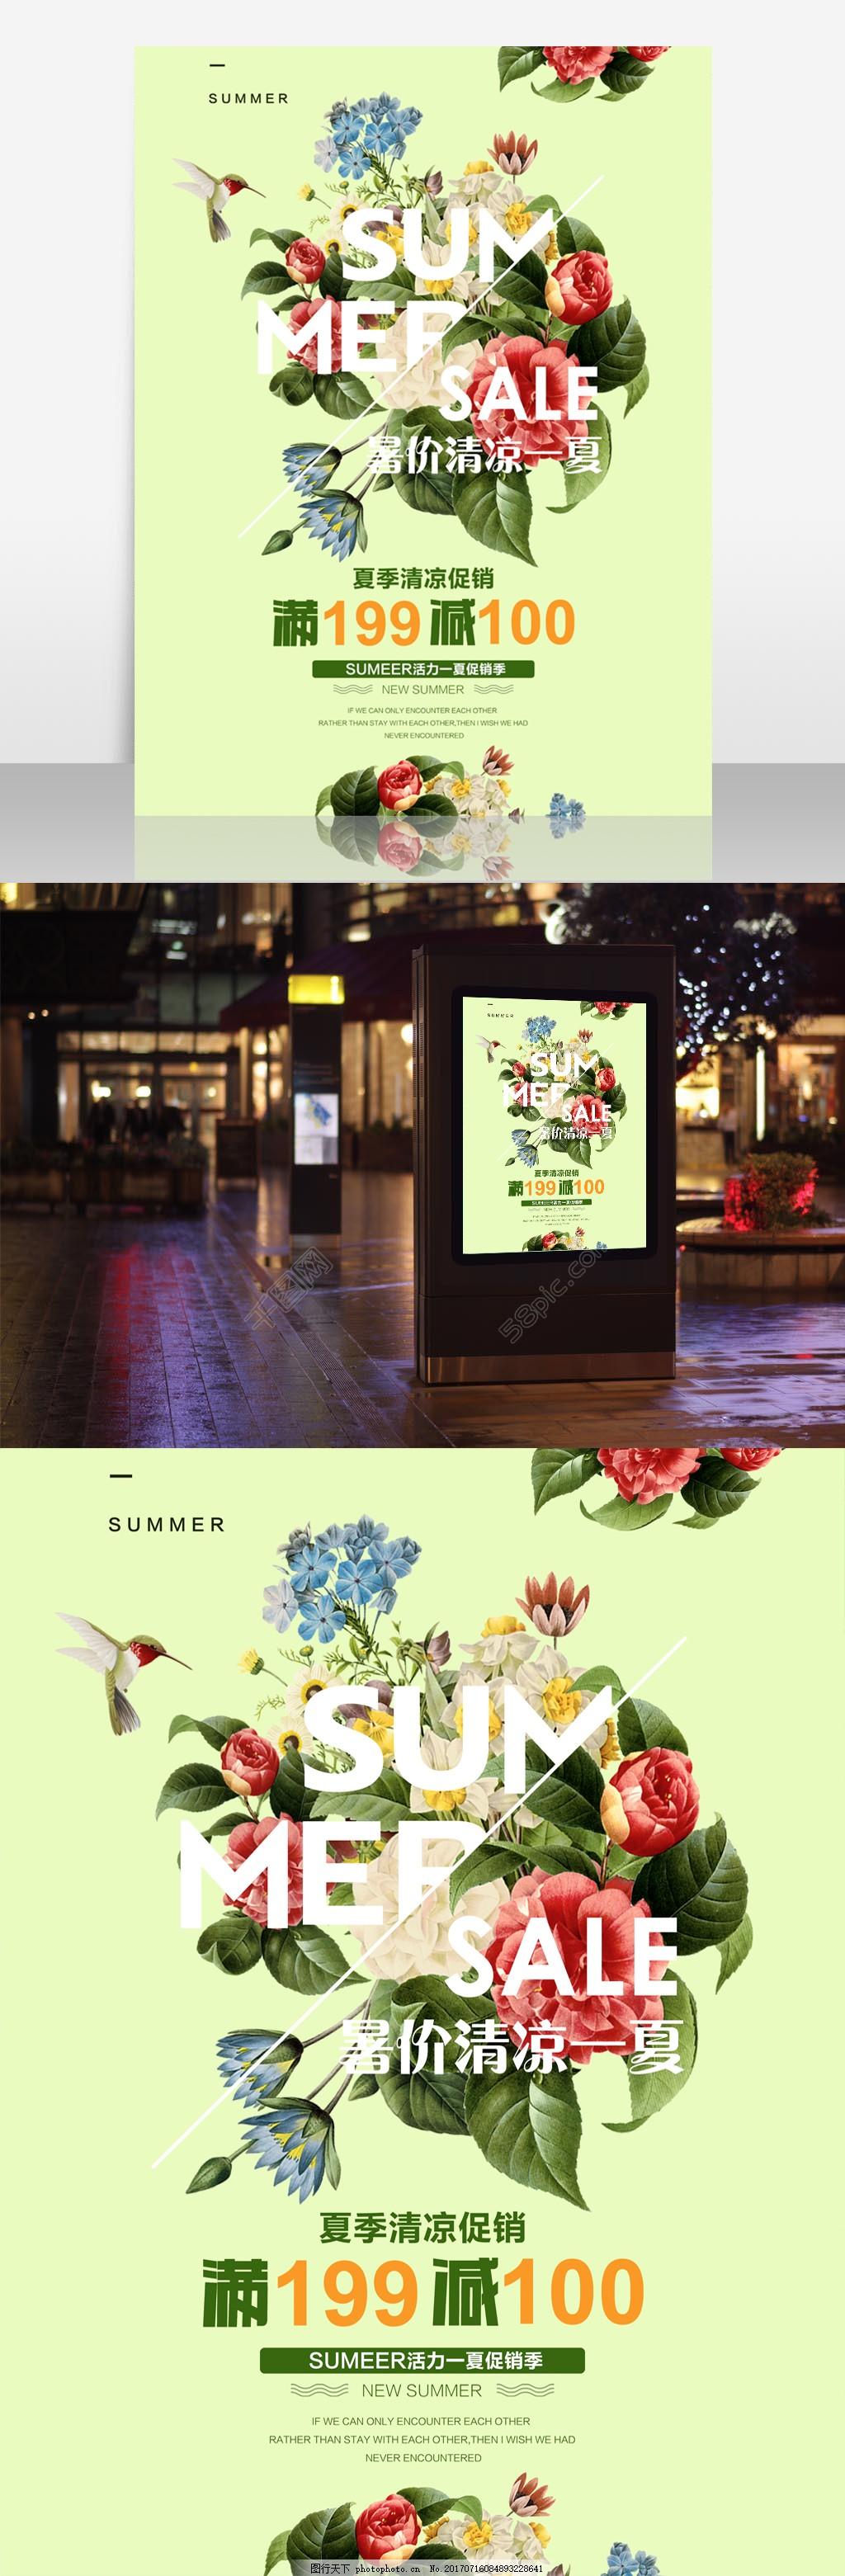 夏季手绘促销海报设计服装店促销创意花卉字体合成融合宣传海报